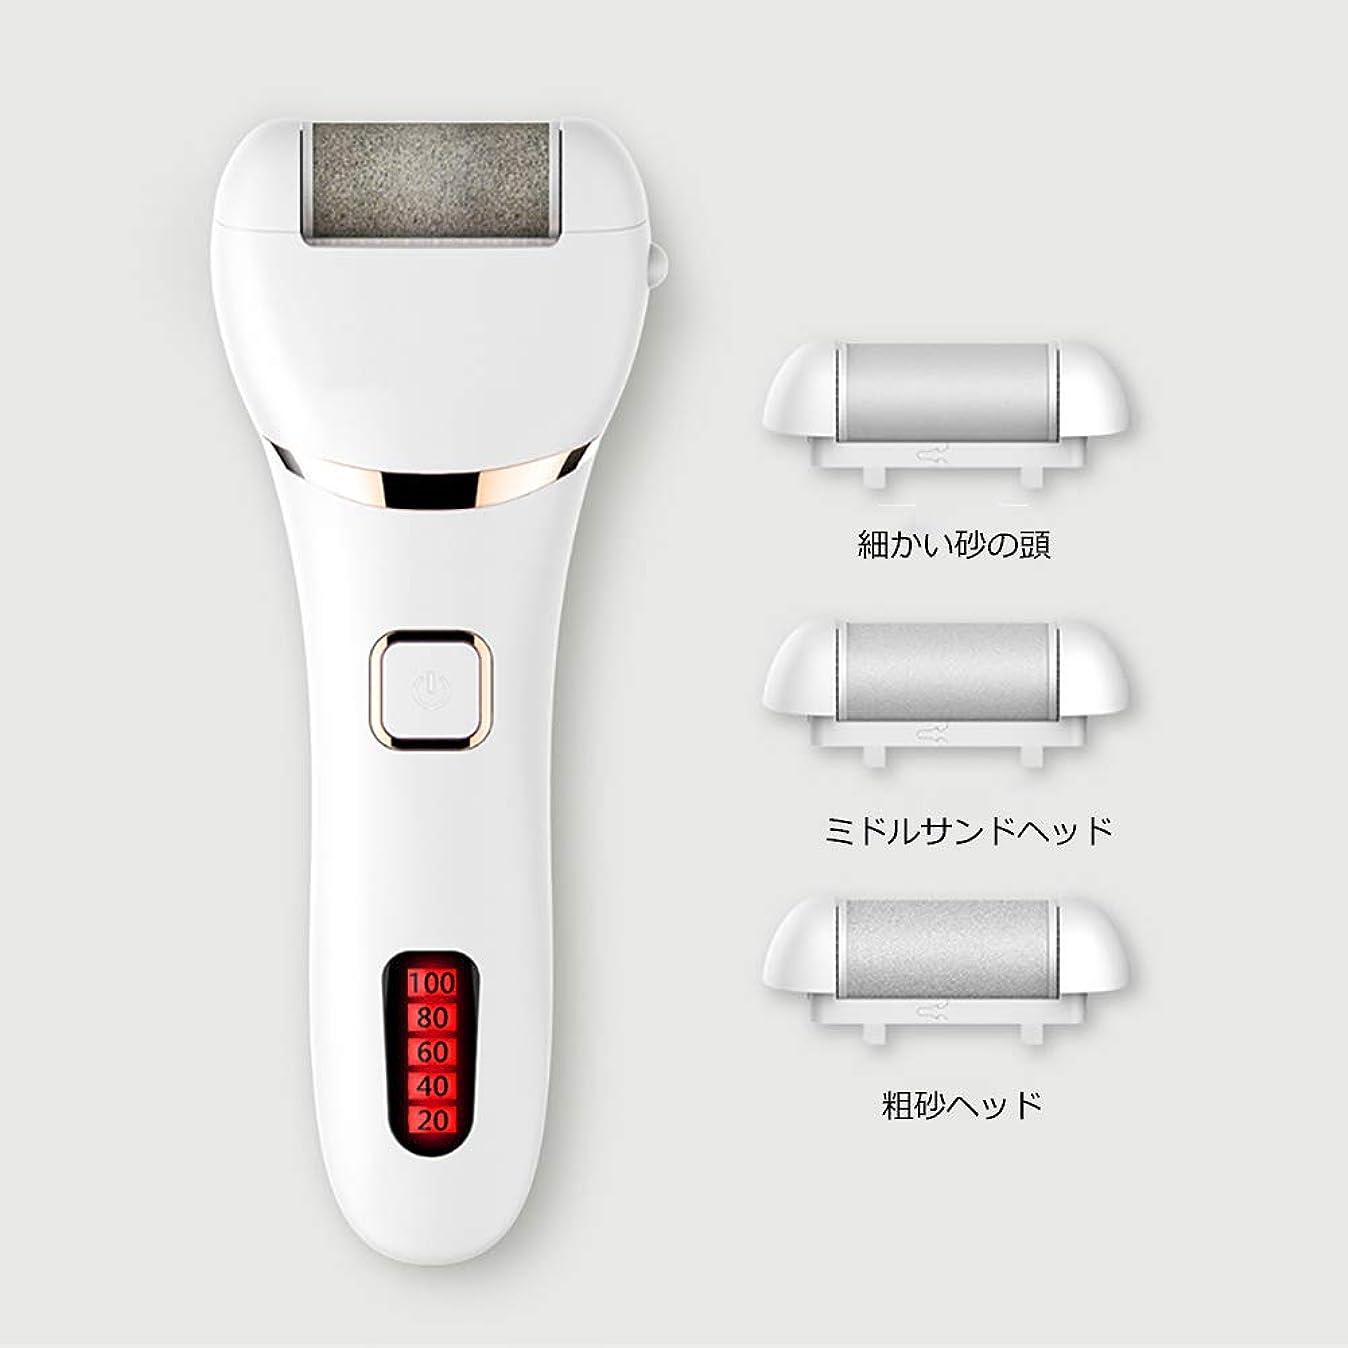 マットレス感情相談電動かかと角質取り リムーバー 水洗いでき 角質クリア ワンタッチスタート ローラー フットケア USB充電 角質リムーバー 女性/老人が大好 フットケアに大人気